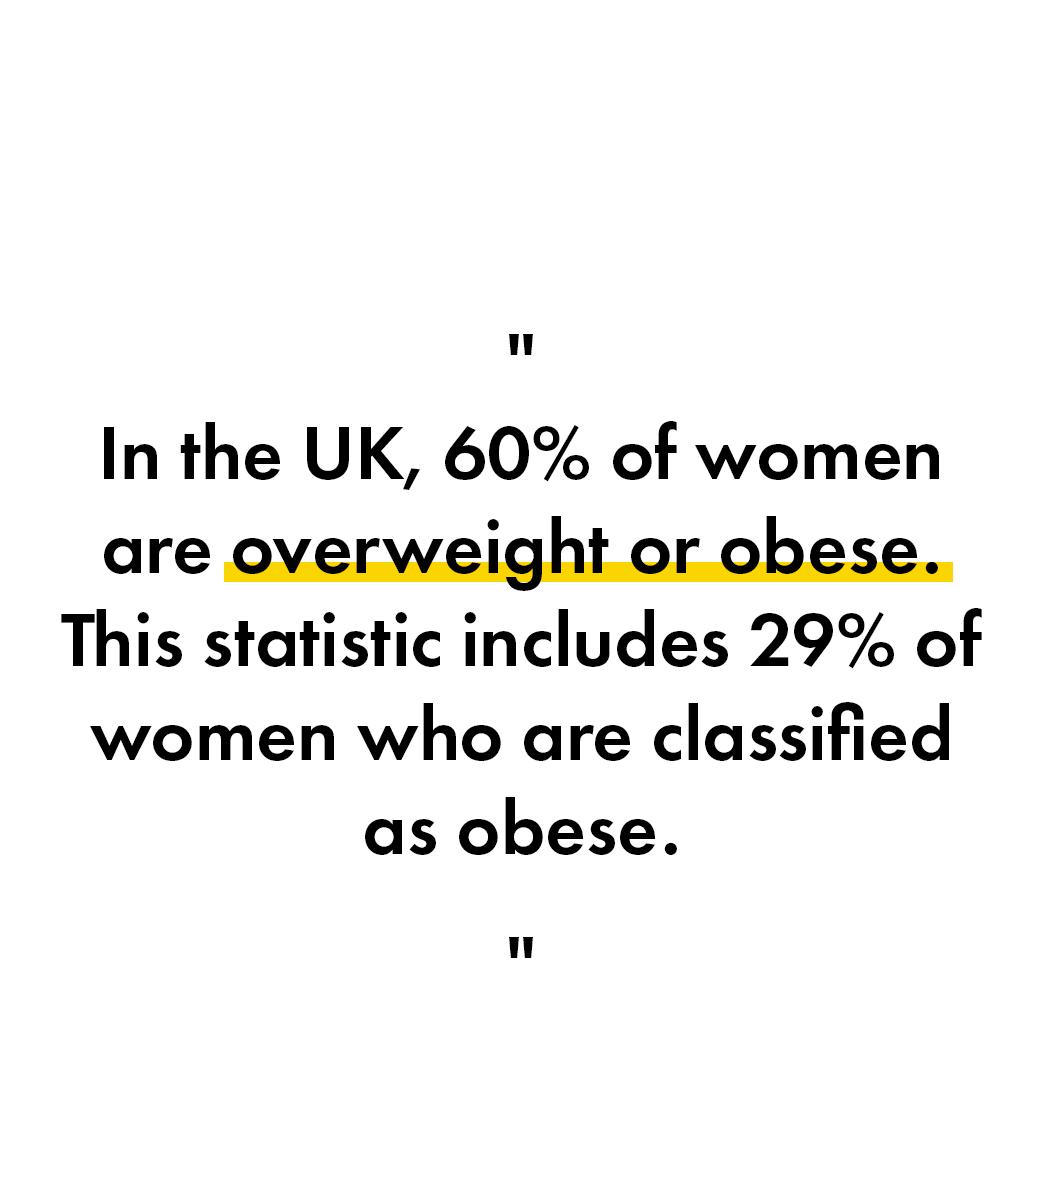 overweight obesity doctors prejudice judgment